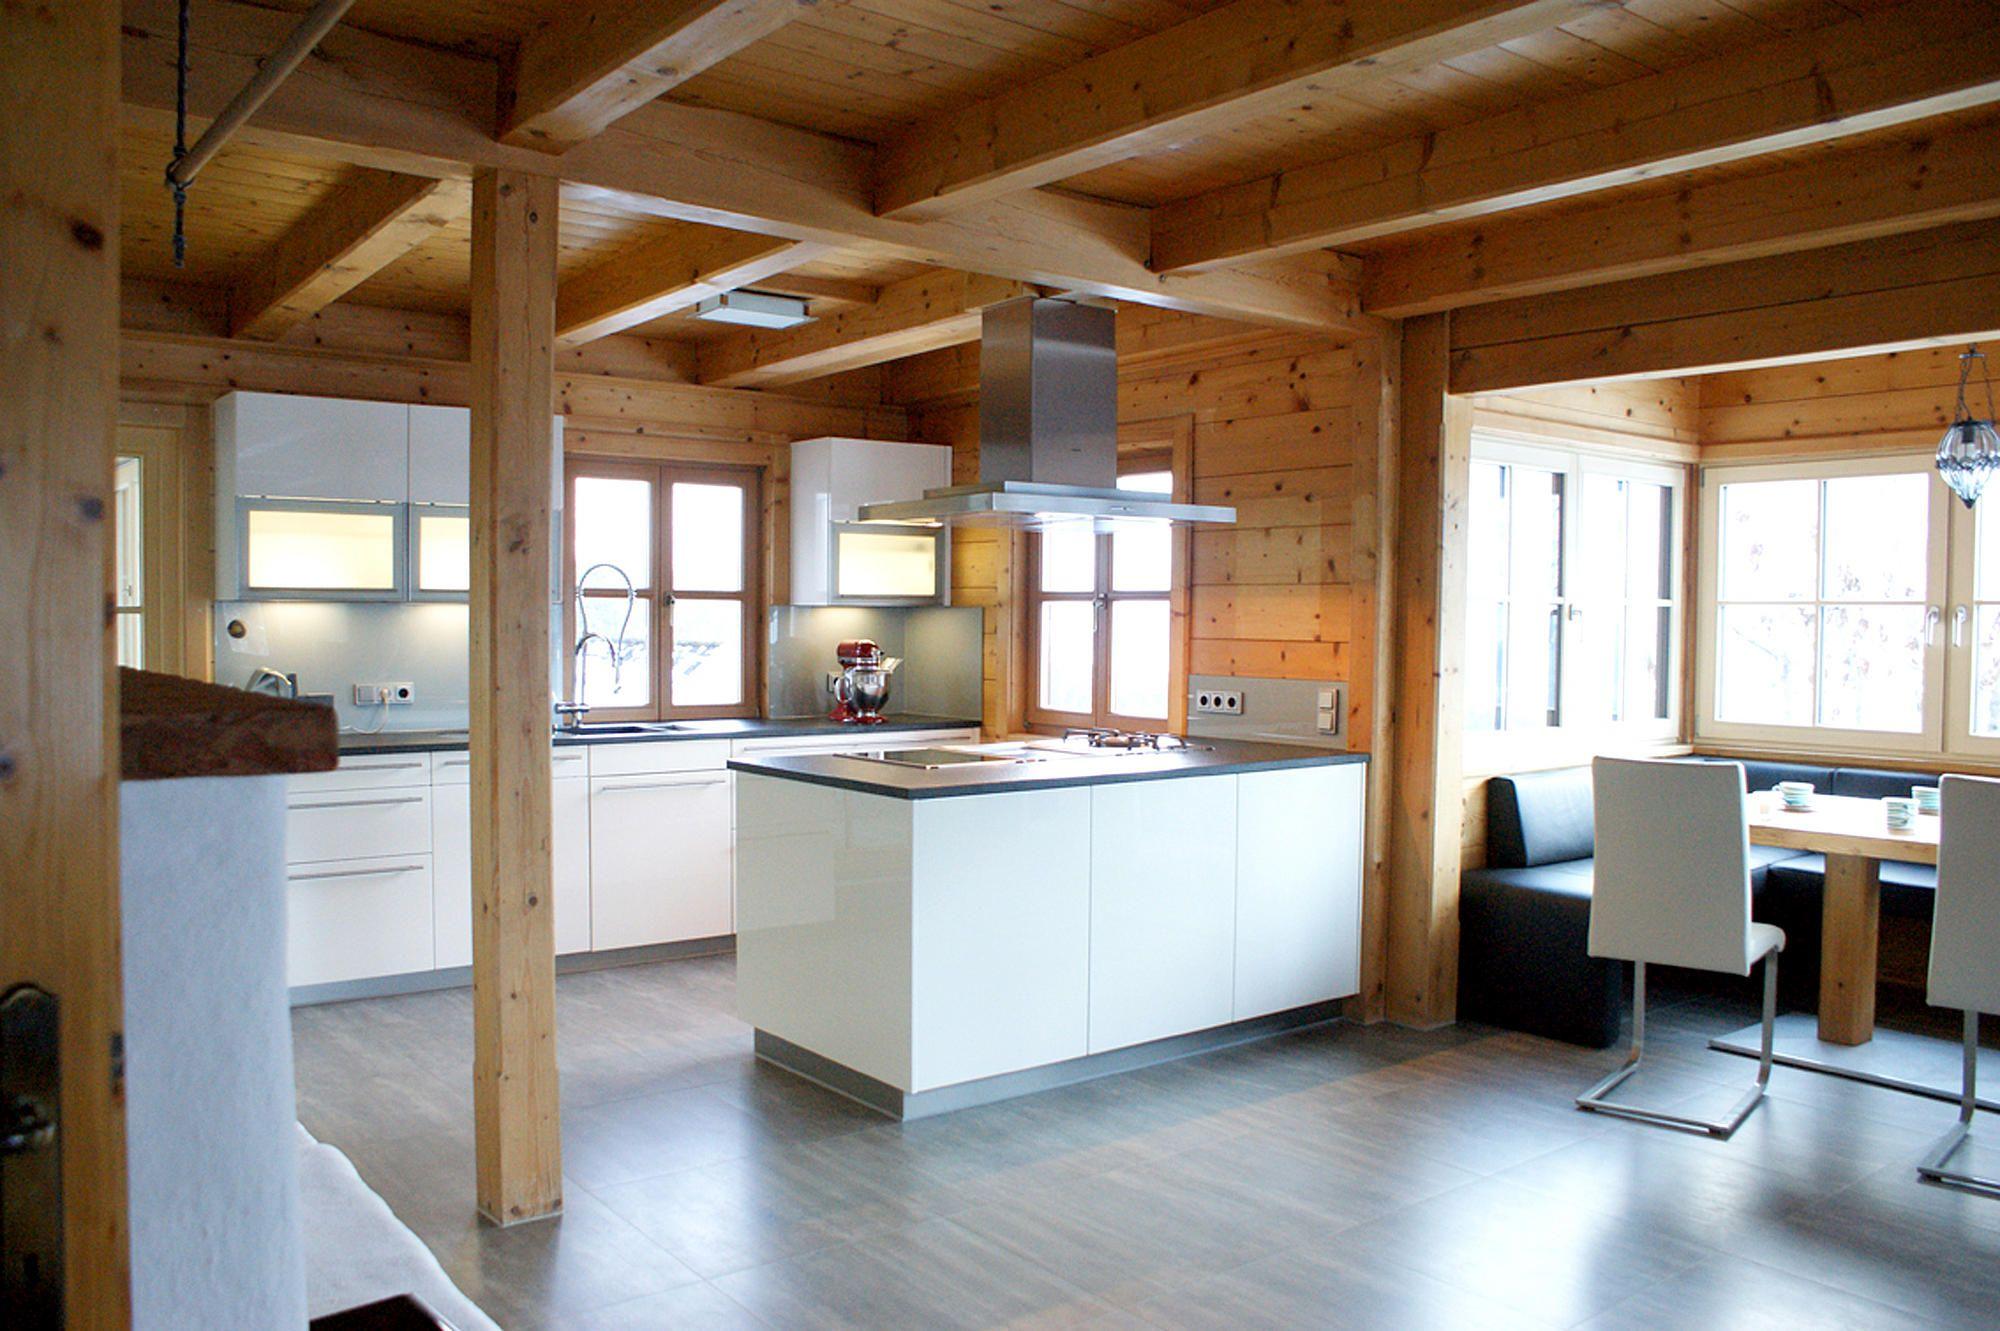 Küchen und Inneneinrichtung - Projekte in Salzburg - Laserer Küchen ...